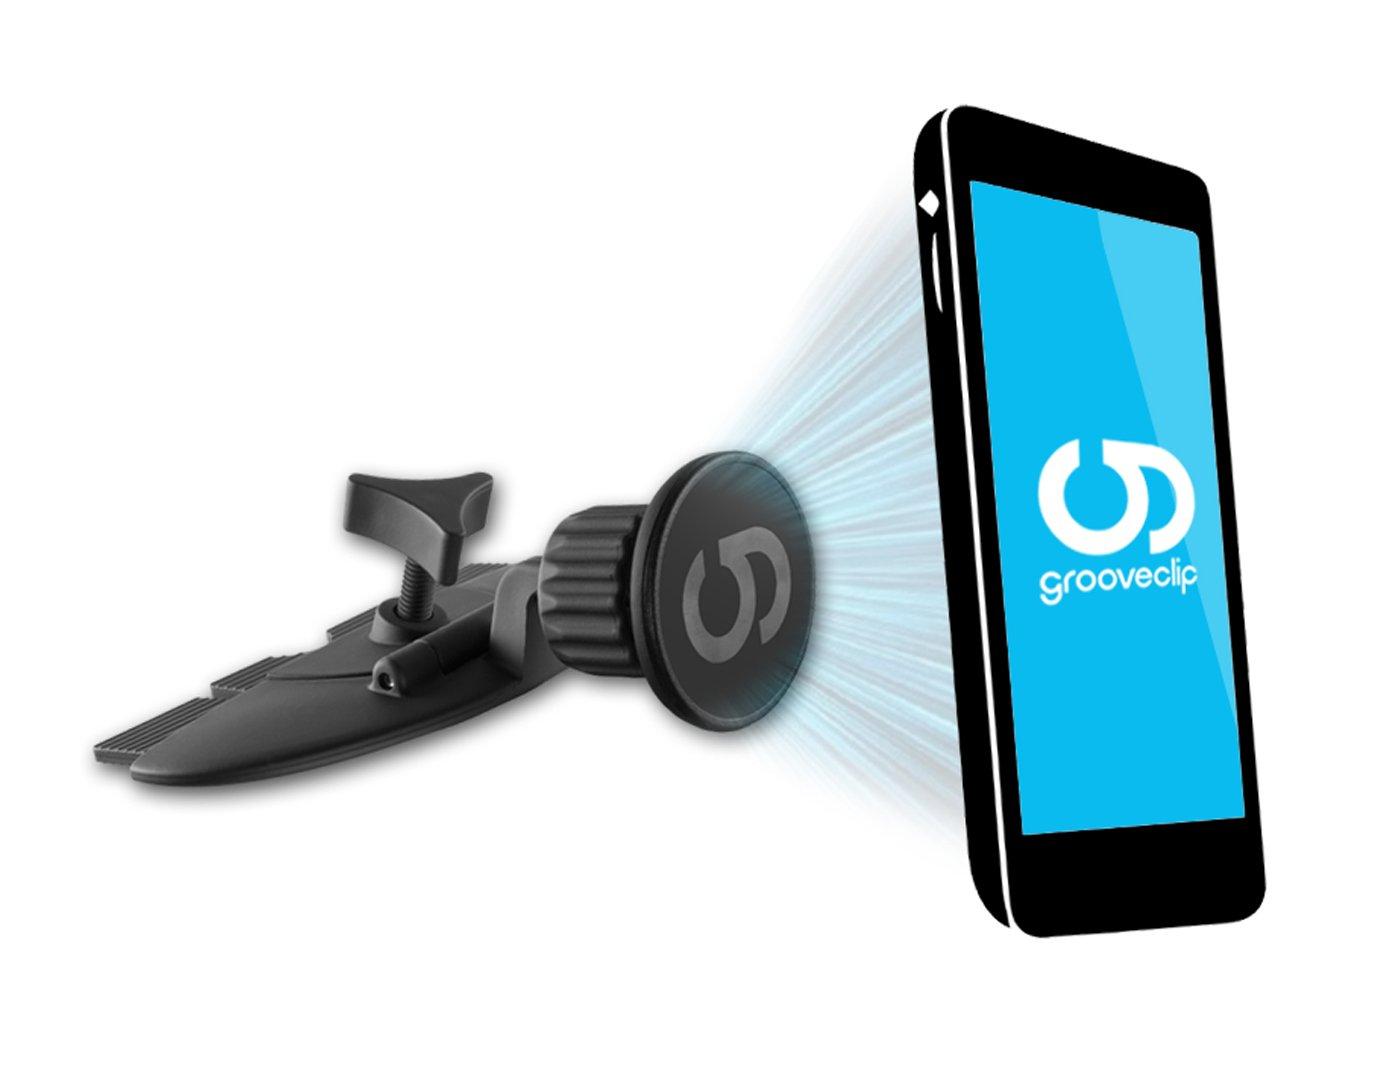 grooveclip-CD2-Magnet-KFZ-Halterung-fr-den-CD-Schlitz-Handyhalterung-mit-Quick-Snap-Magnet-System-passt-in-jeden-gewhnlichen-Auto-CD-Player-universell-fr-Apple-iPhone-Samsung-Navi-UVM